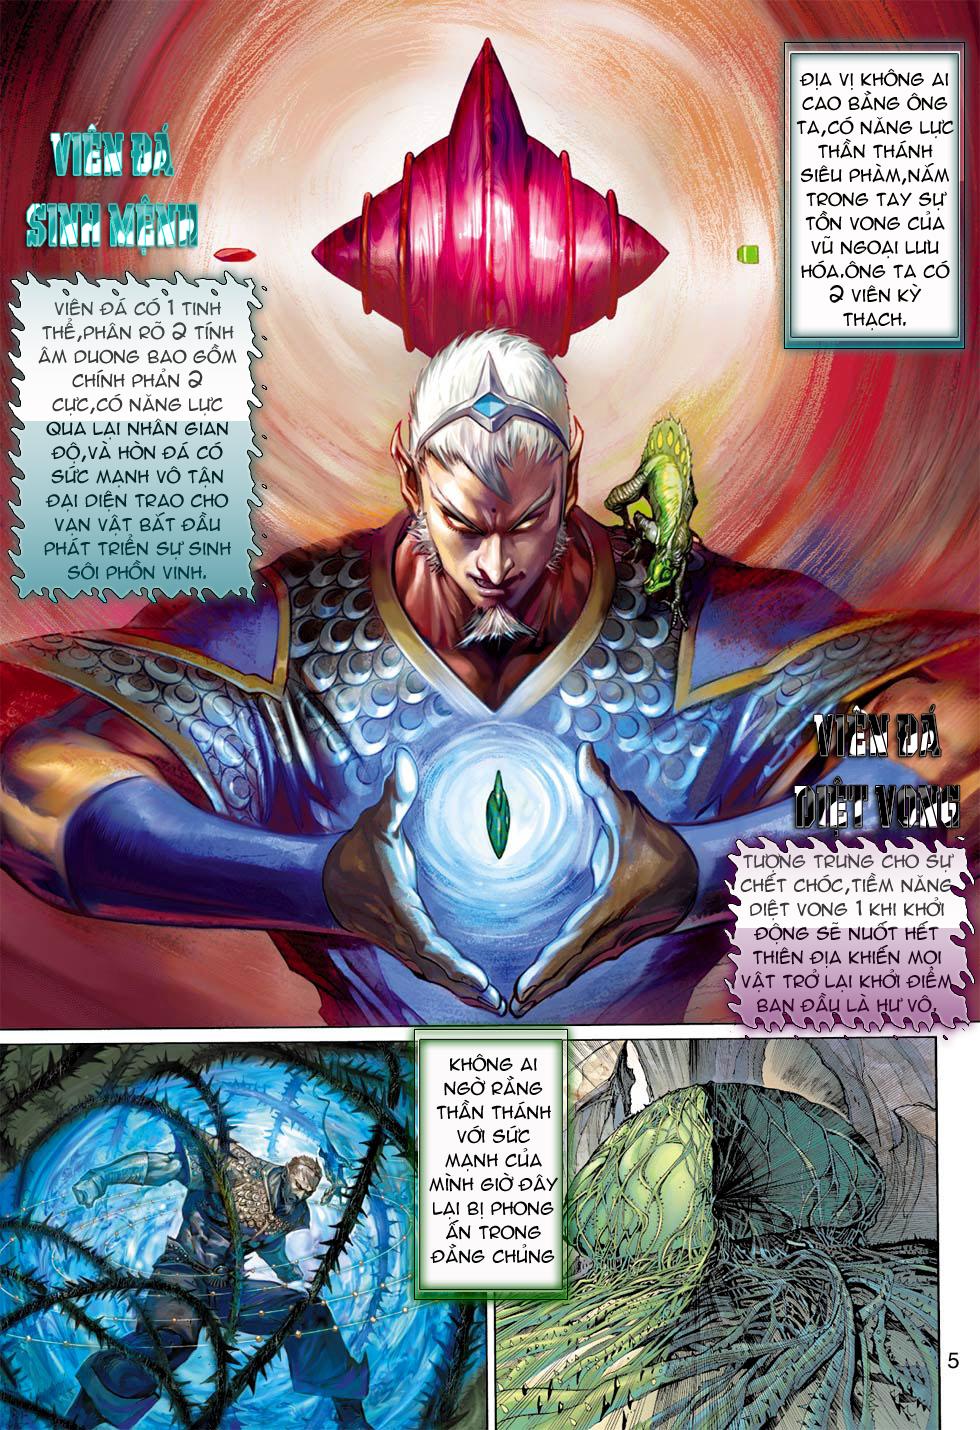 Thần Binh 4 chap 7 - Trang 5